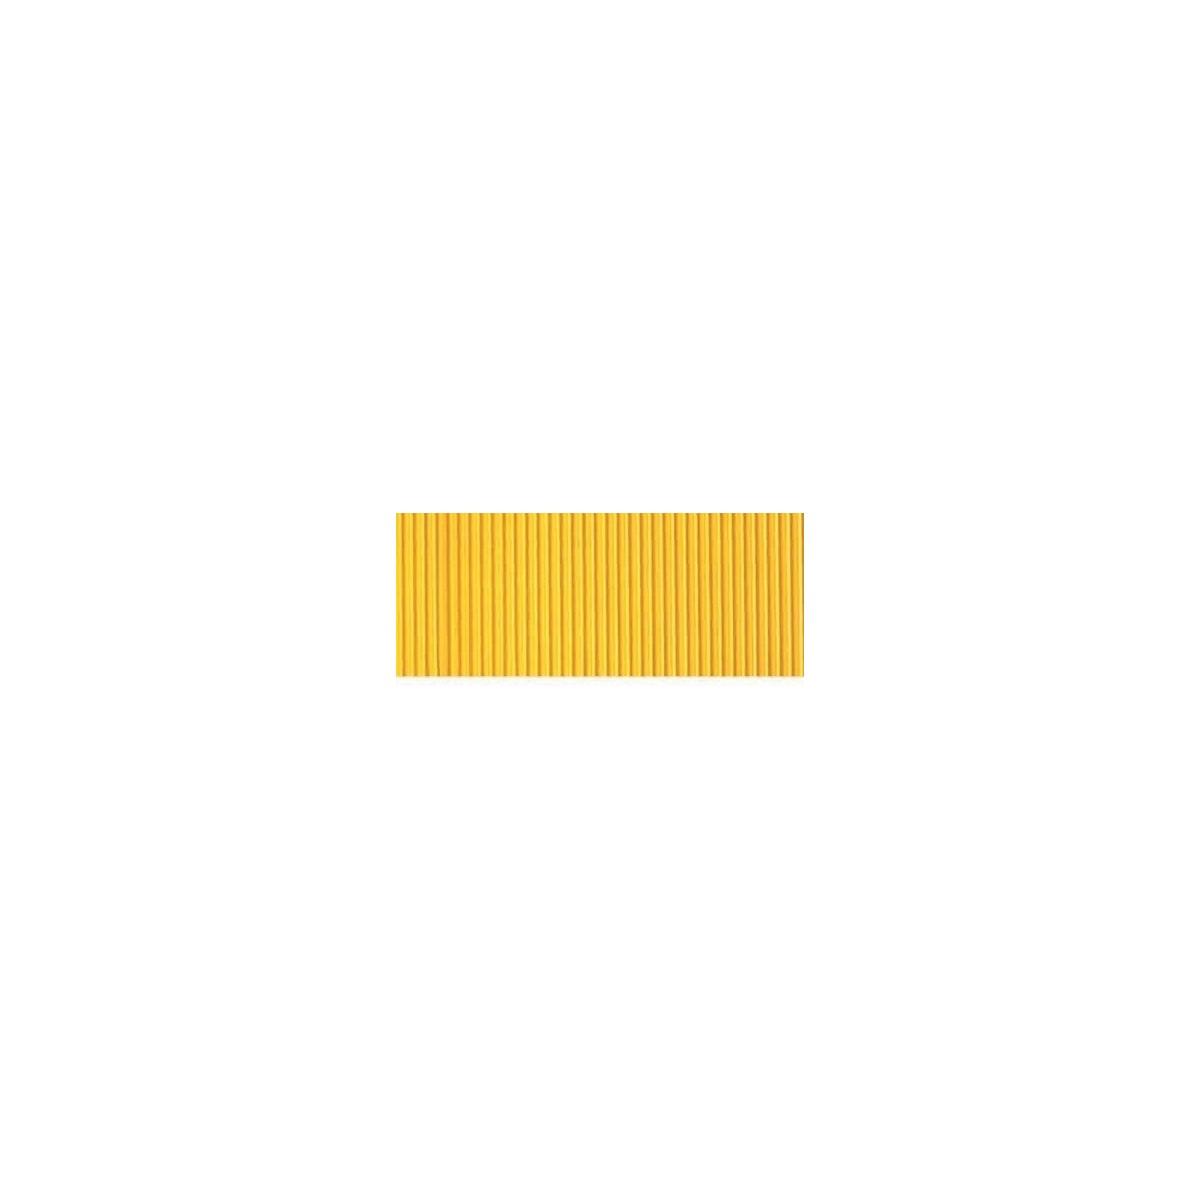 Foglio Cartoncino Onda Colorato Cm.70x50 Giallo